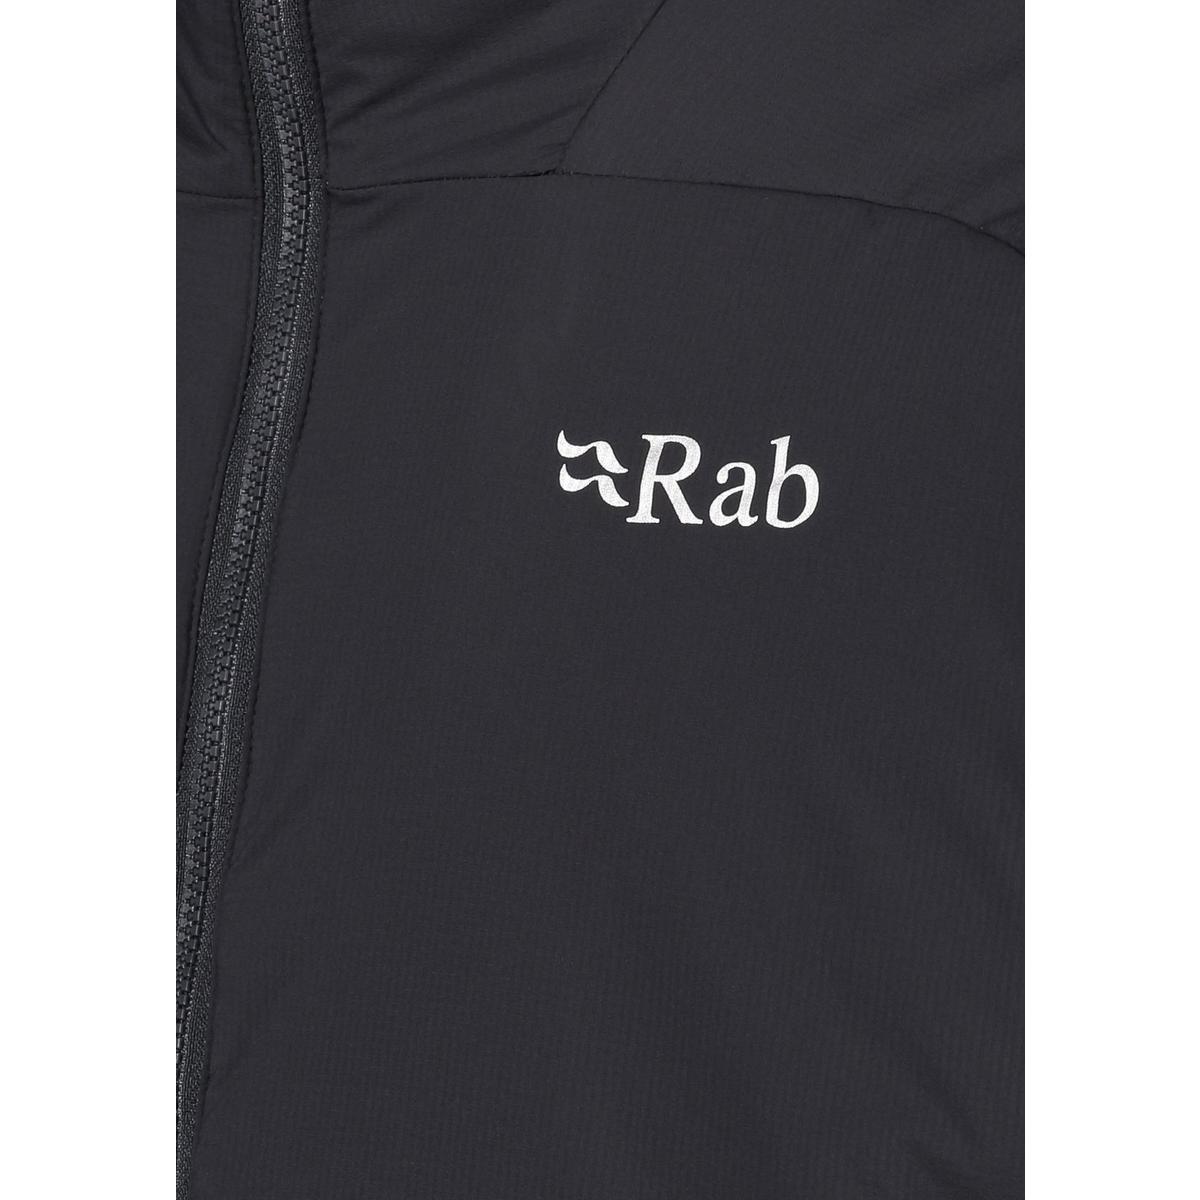 Rab Men's Xenair Light Jacket - Ebony